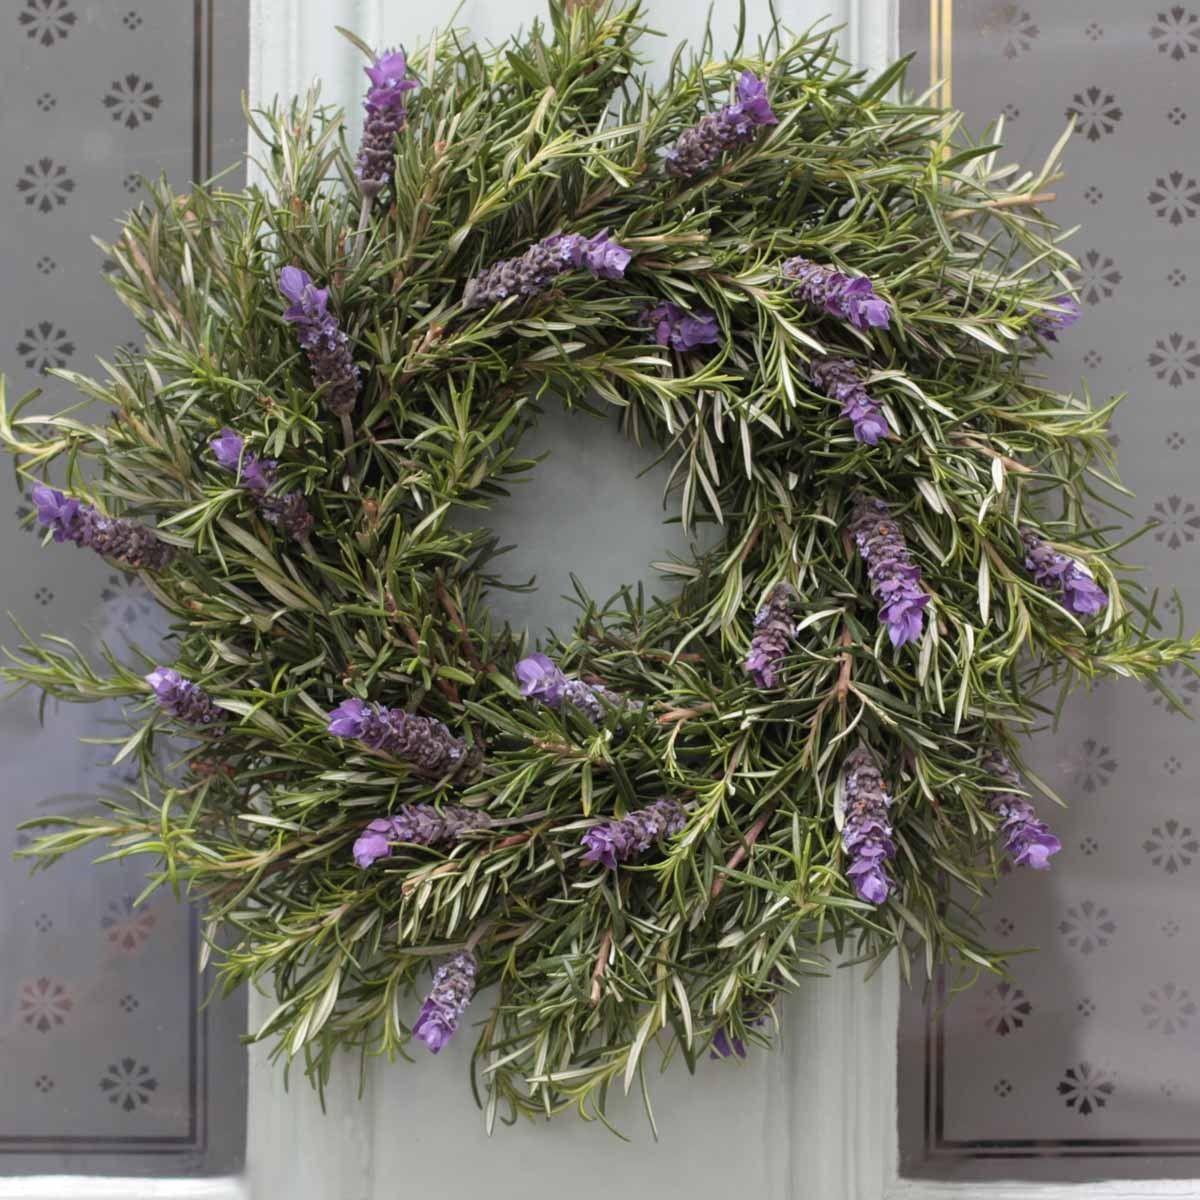 54 Awesome Christmas Wreath Ideas | Wreaths | Pinterest | Wreaths ...